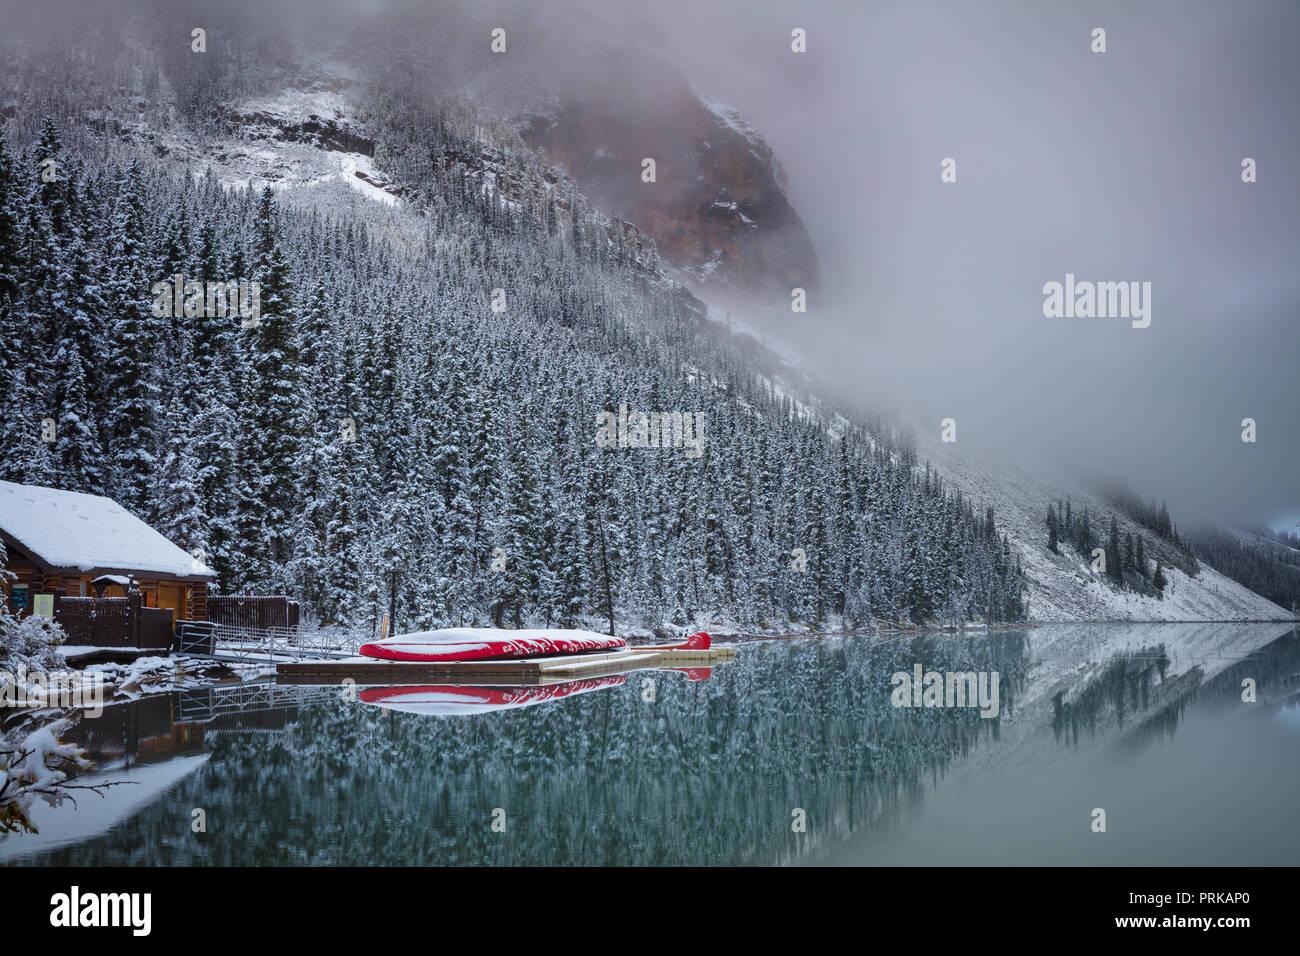 El lago Louise es un lago glacial en el Parque Nacional Banff, en Alberta, Canadá. Imagen De Stock